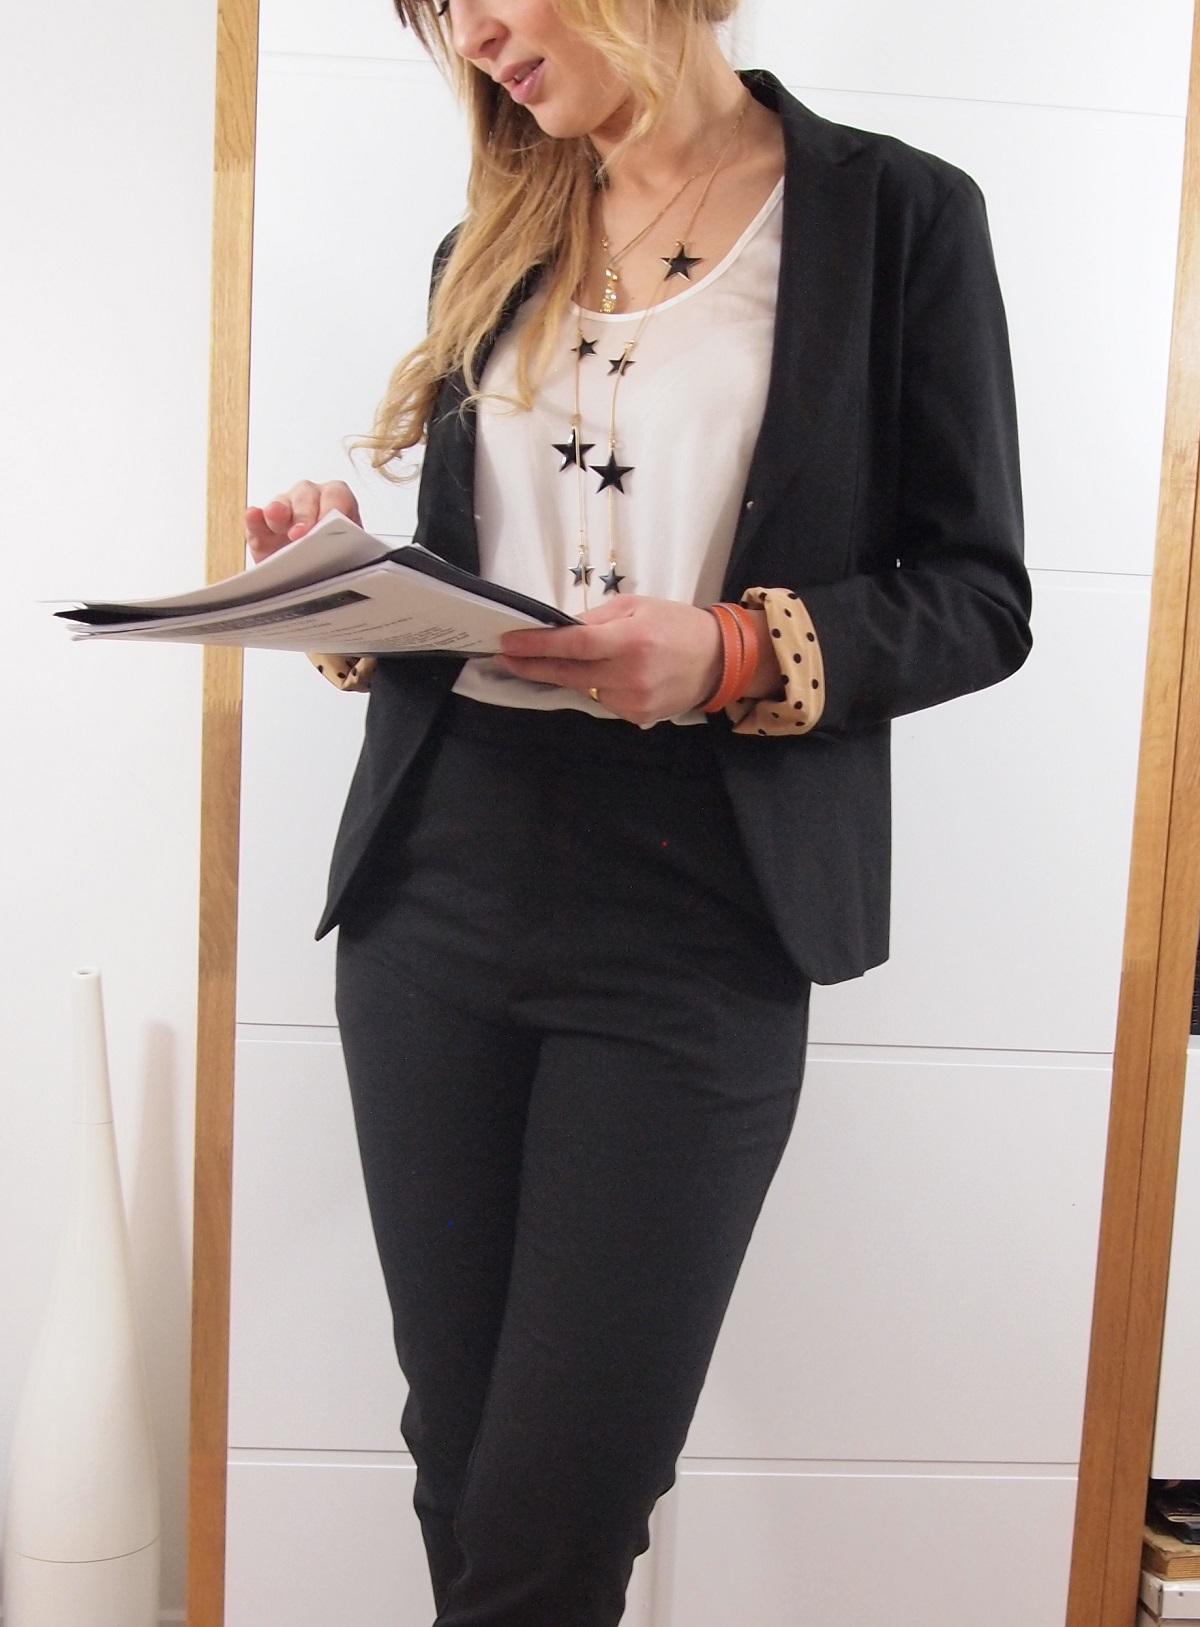 Comment s 39 habiller pour un entretien d 39 embauche for Se mettre a son compte mais dans quoi